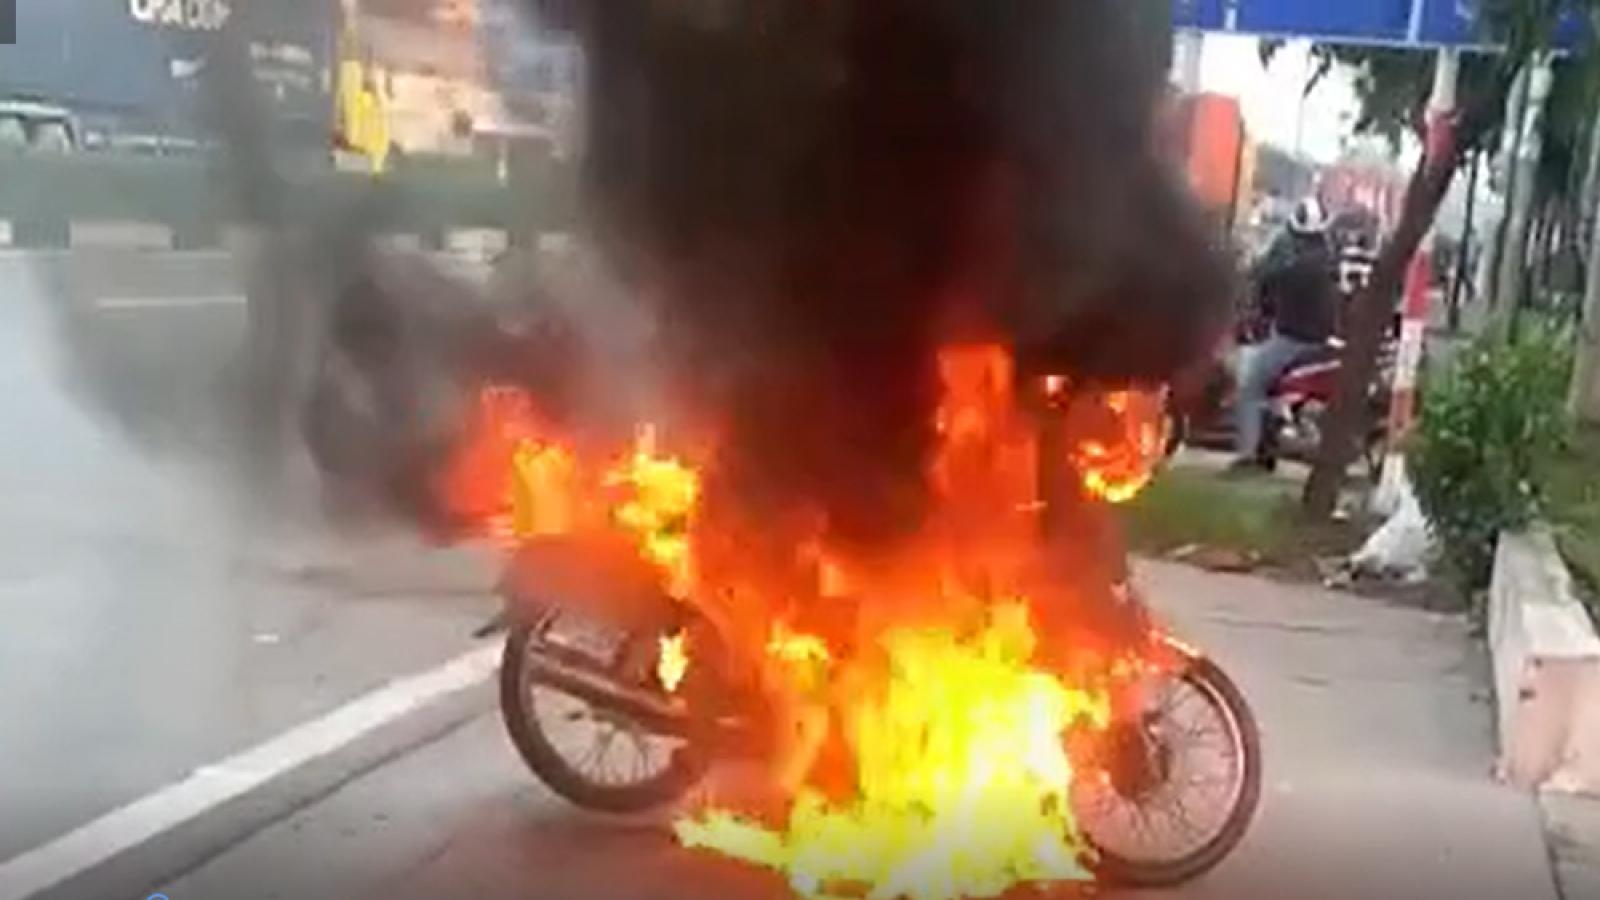 Bị nhắc nhở ra đường khung giờ giới hạn, nam thanh niên đốt luôn xe máy